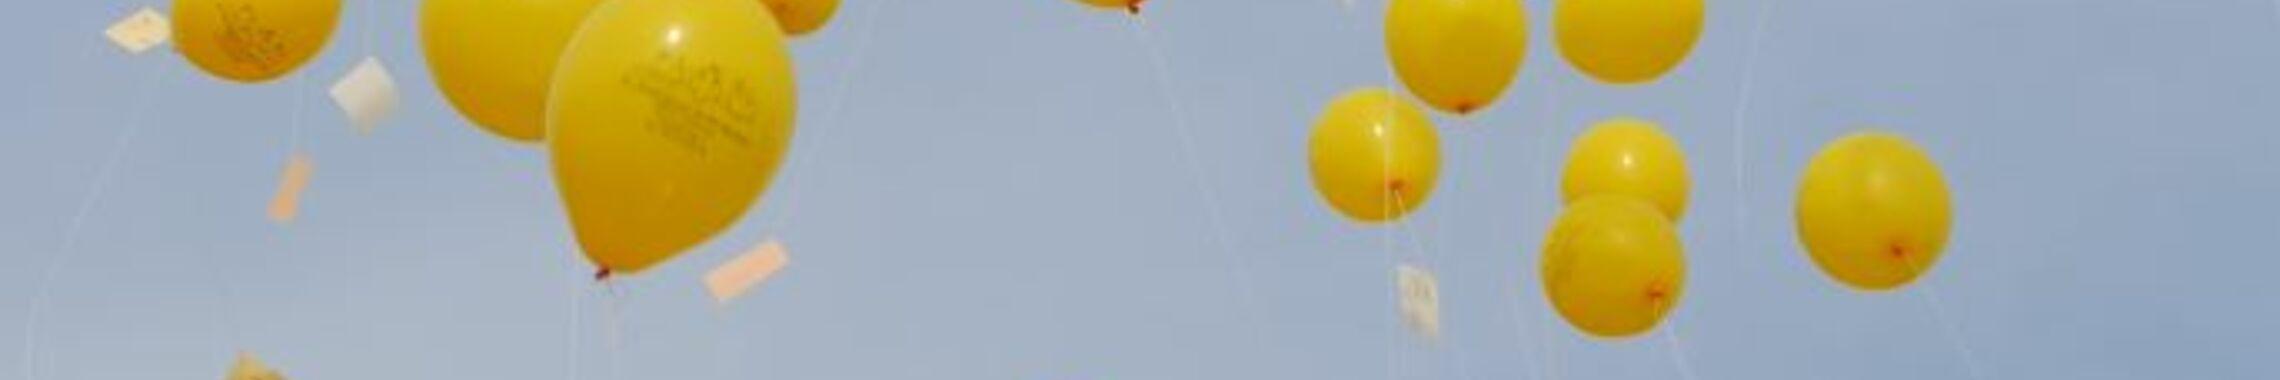 gelbe Luftballons webo